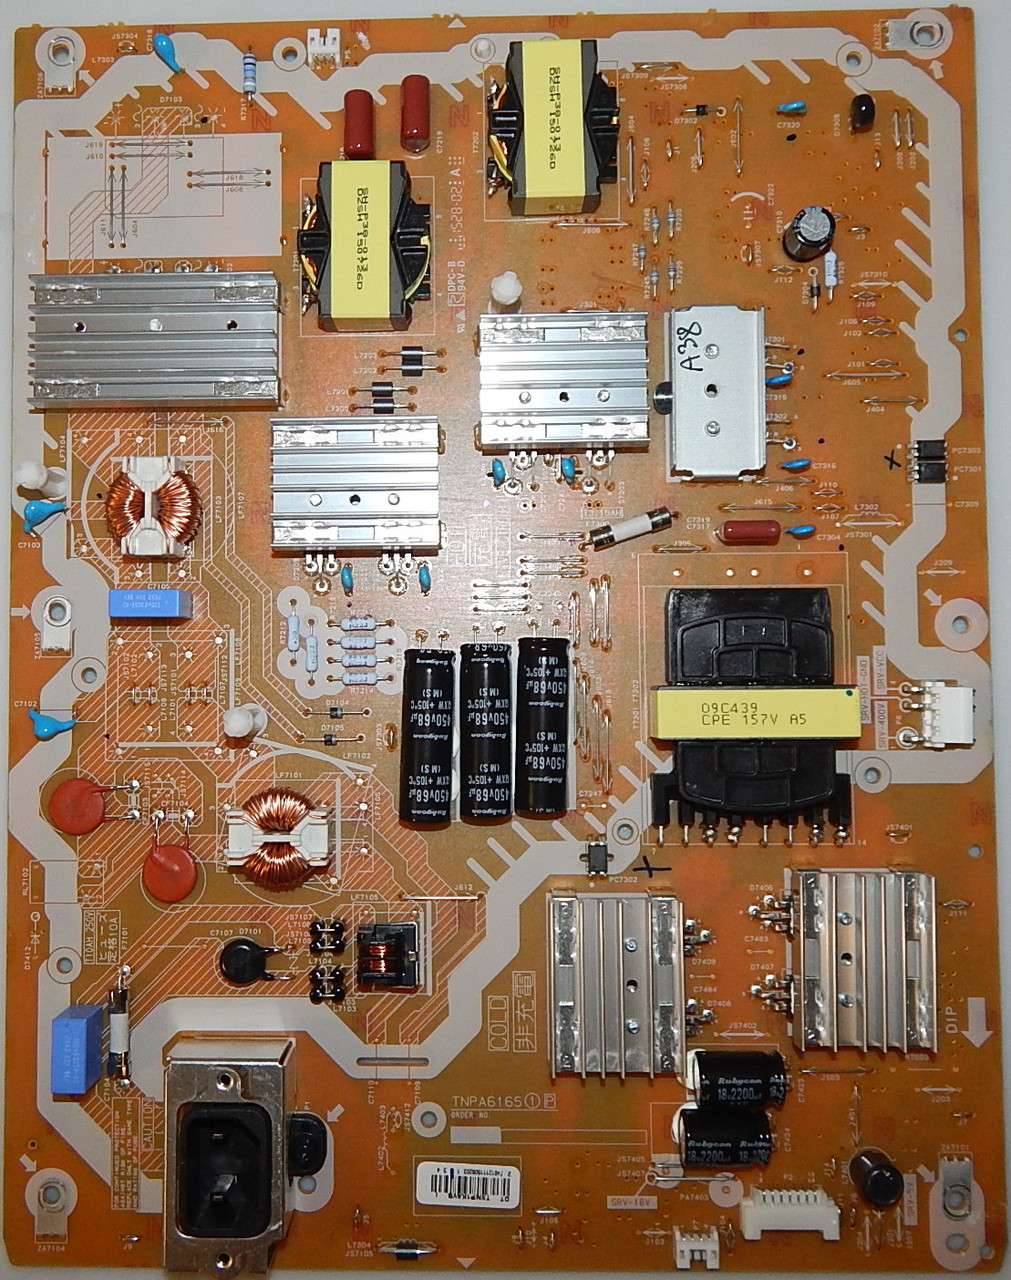 Блок питания TNPA6165 для телевизора PANASONIC TX-55CRW854